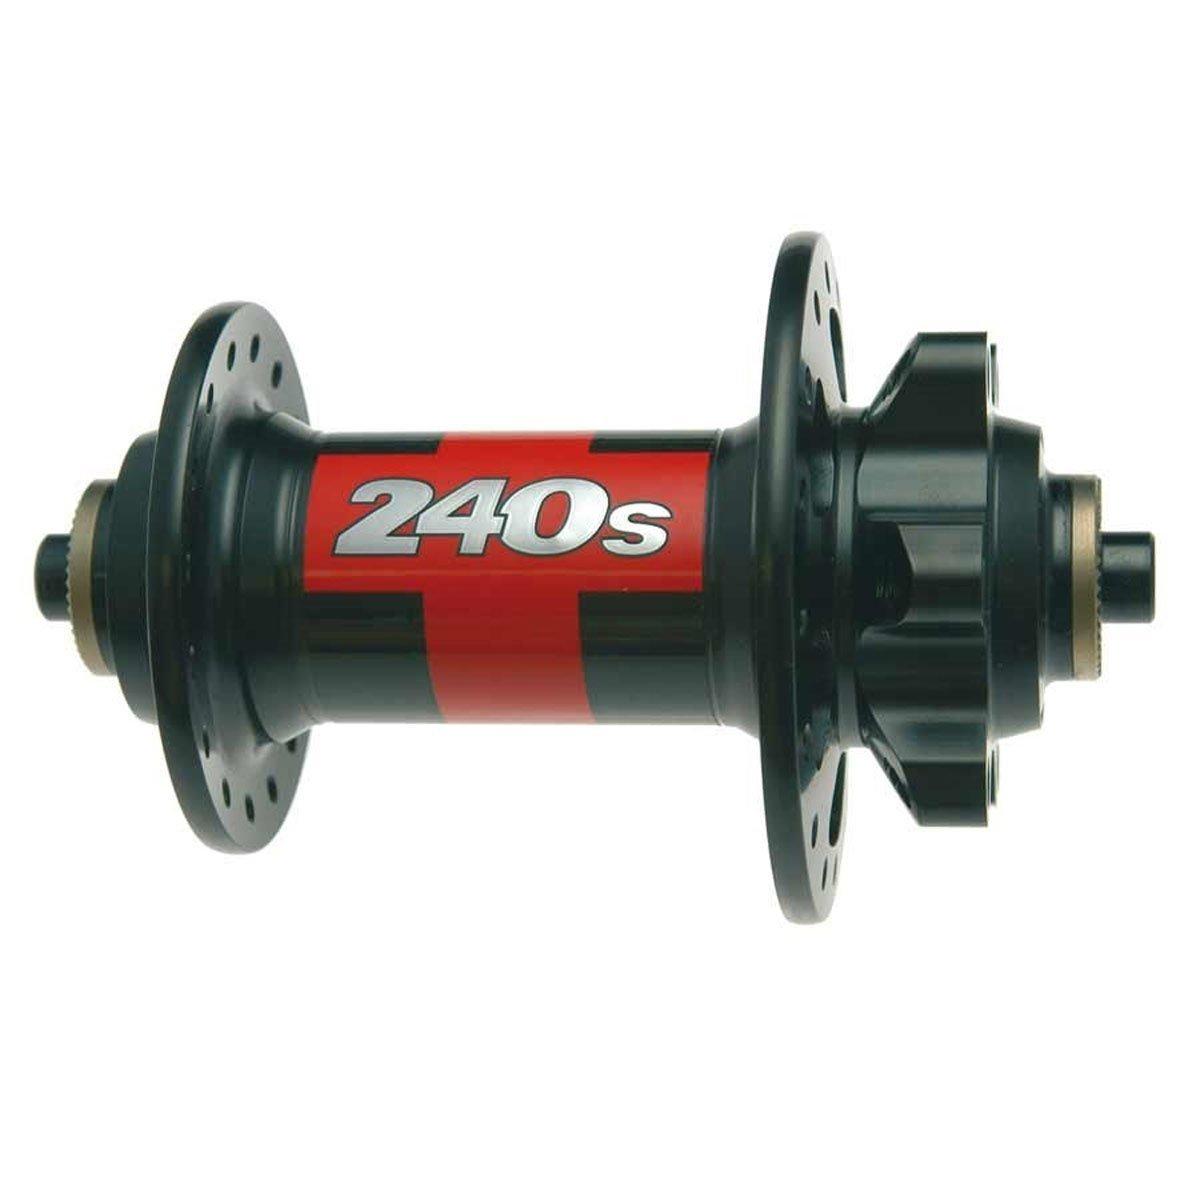 Dt Swiss Front DT 240S MTB Hub Cl Black 32 x 100 x 5mm [並行輸入品] B077QQV3V7